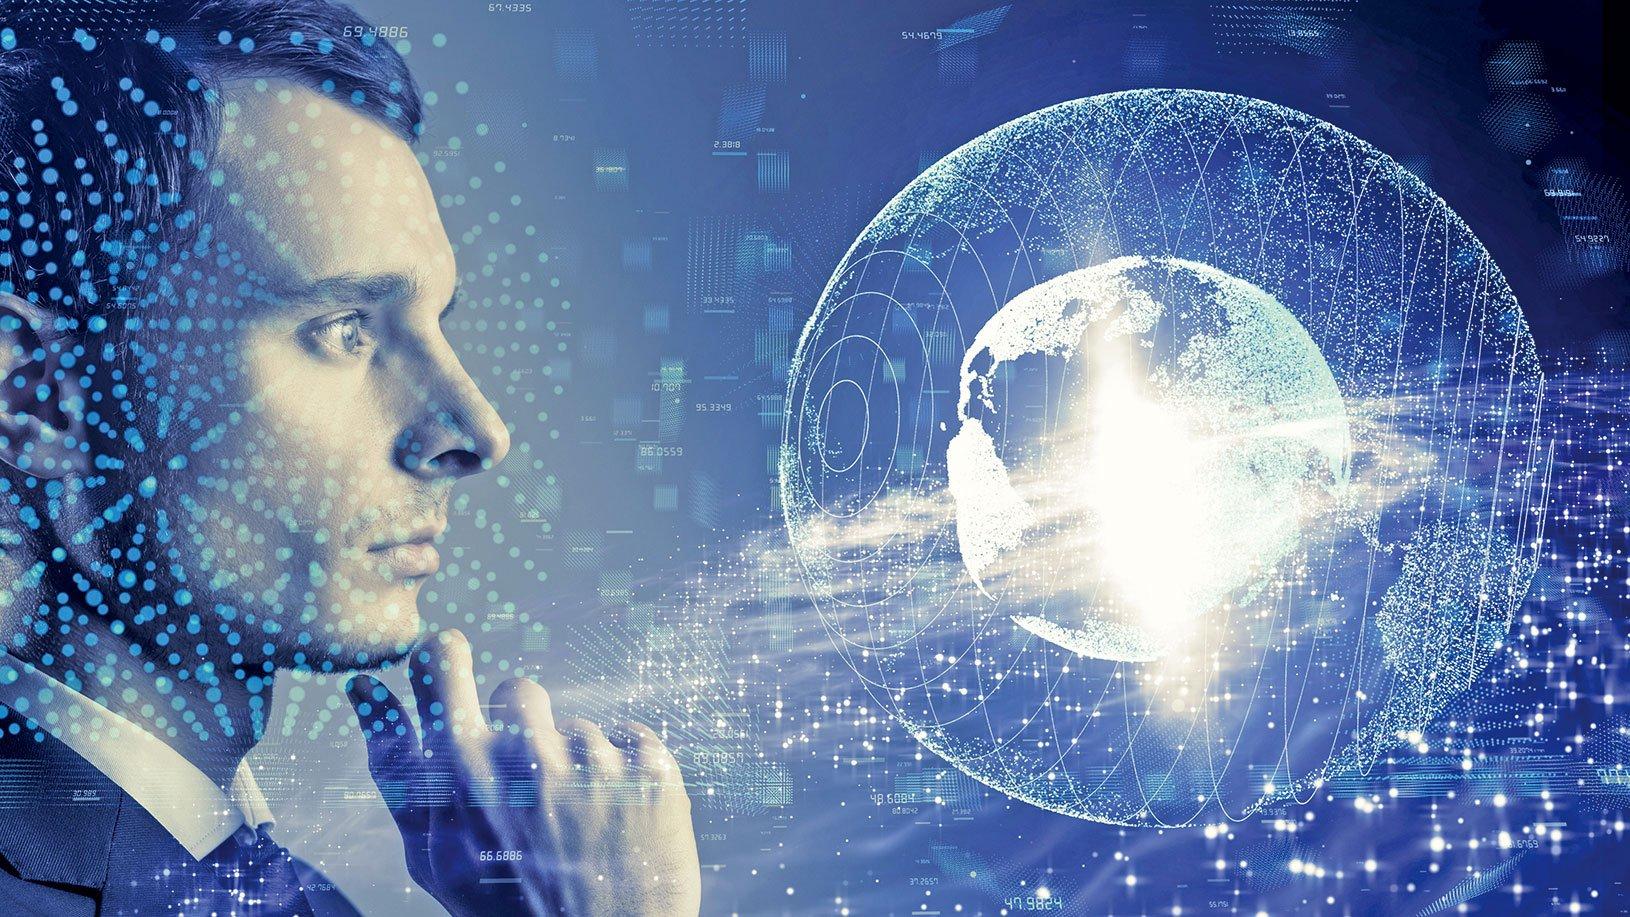 甚麼是現實,甚麼是幻象?(Shutter Stock)